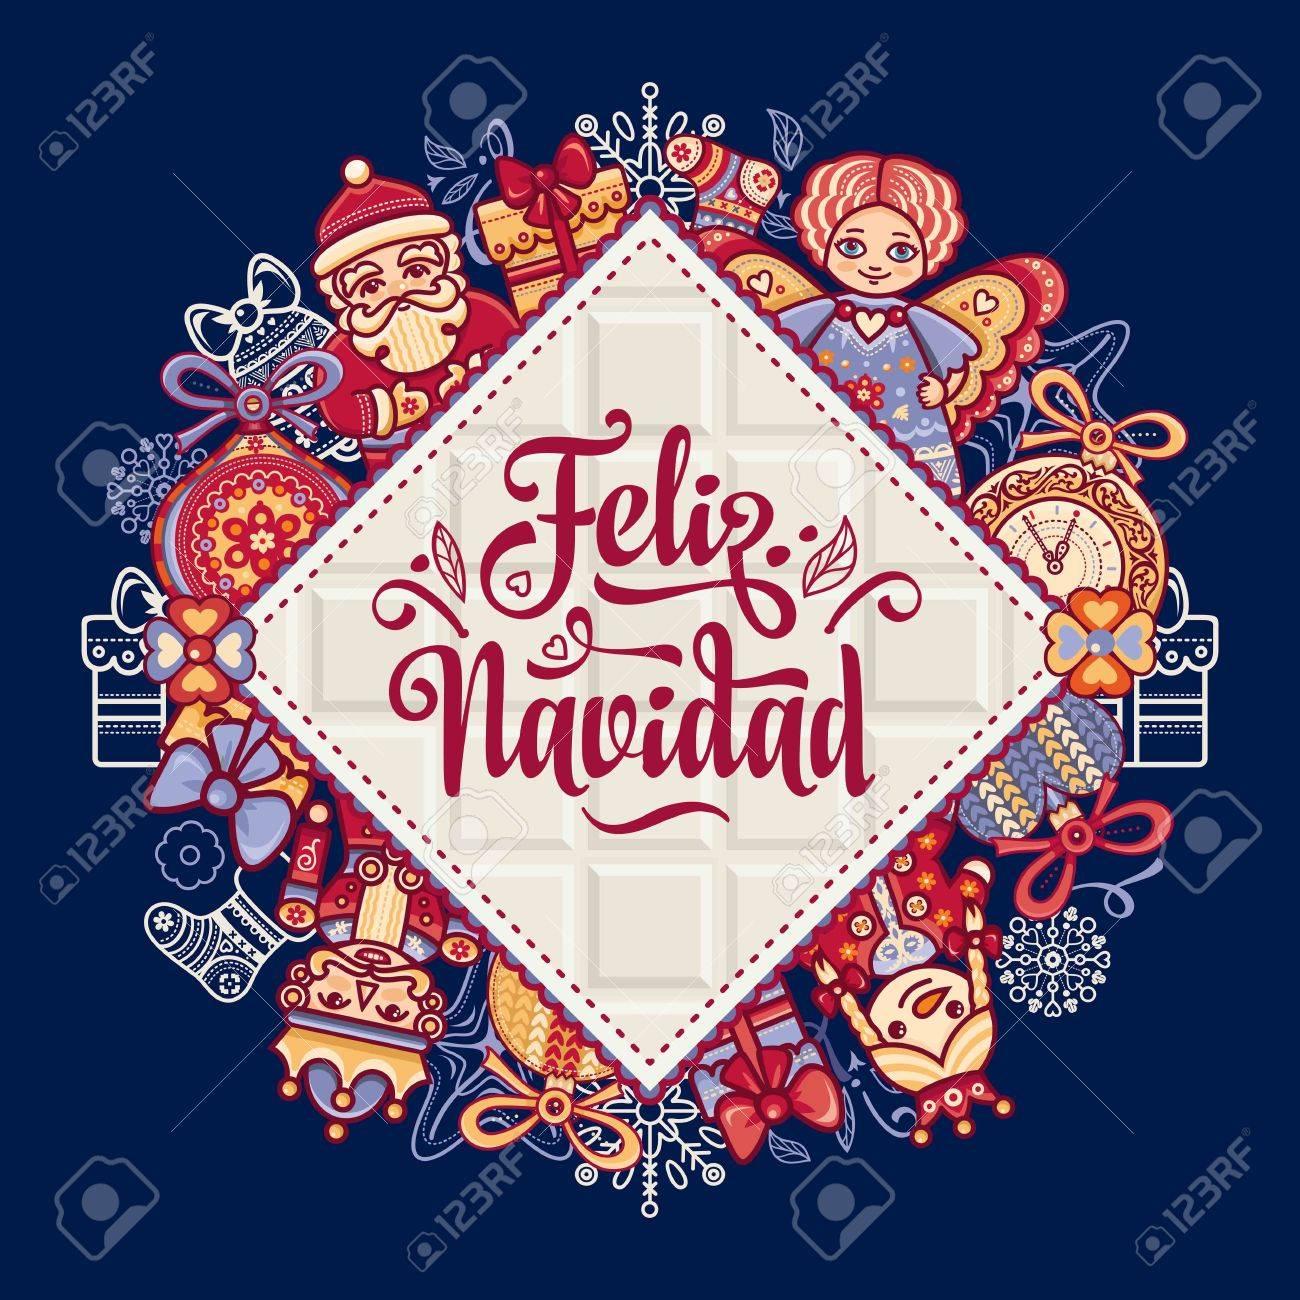 Decoraciones De Navidad Para Las Invitaciones Y Tarjetas De Felicitación Invierno Juguete Feliz Navidad Tarjeta De Navidad De La Lengua Española